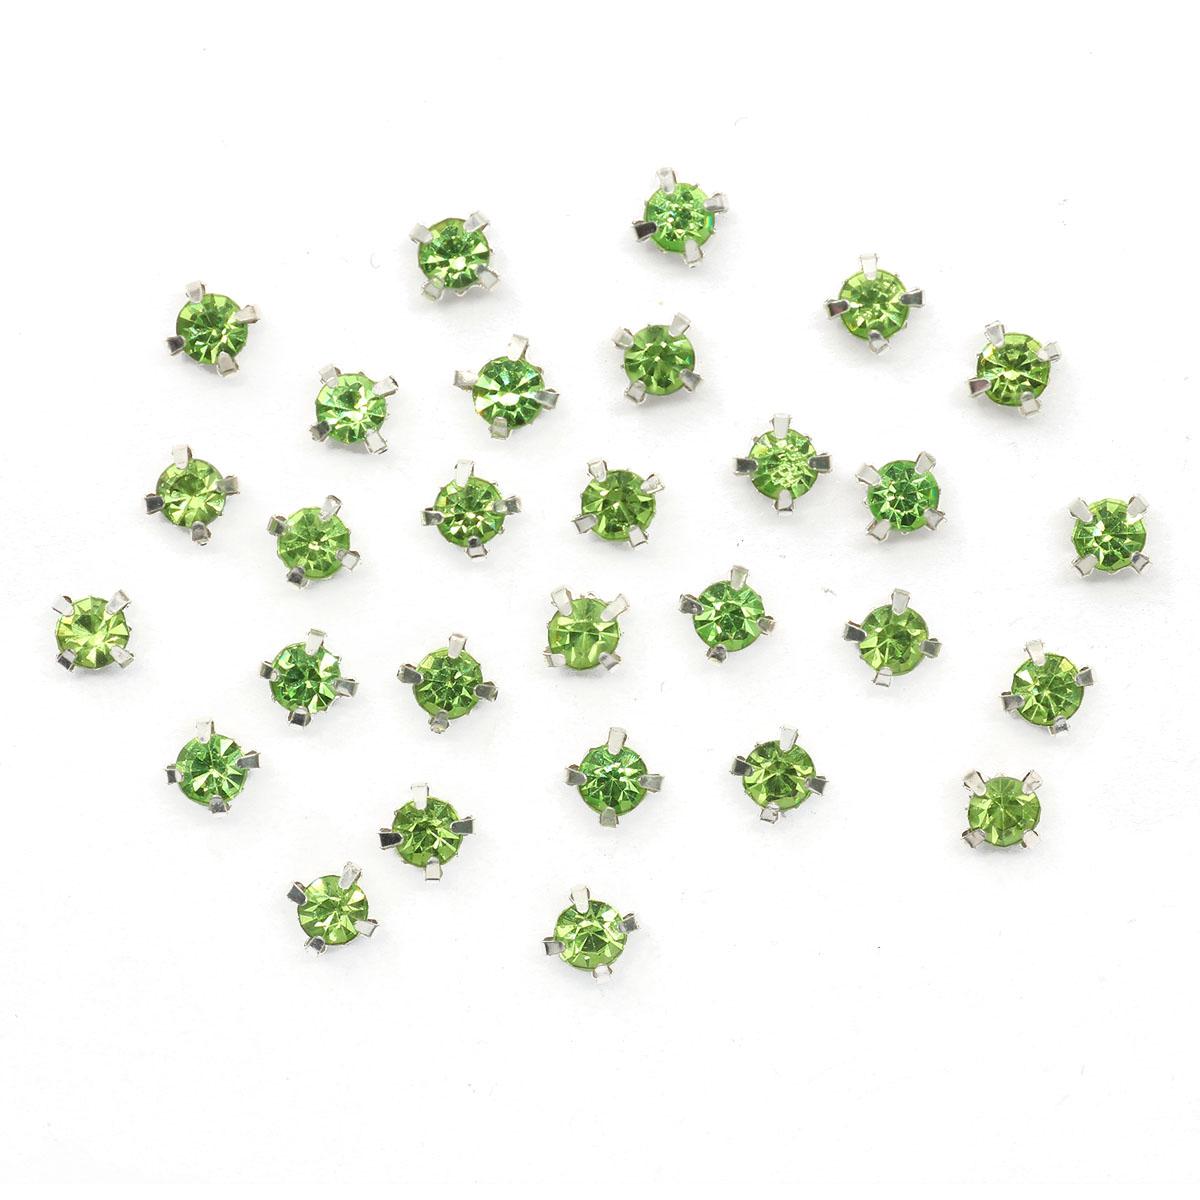 СЦ015НН44 Хрустальные стразы в цапах круглые (серебро) зеленый 4*4мм, 29-30шт/упак Астра